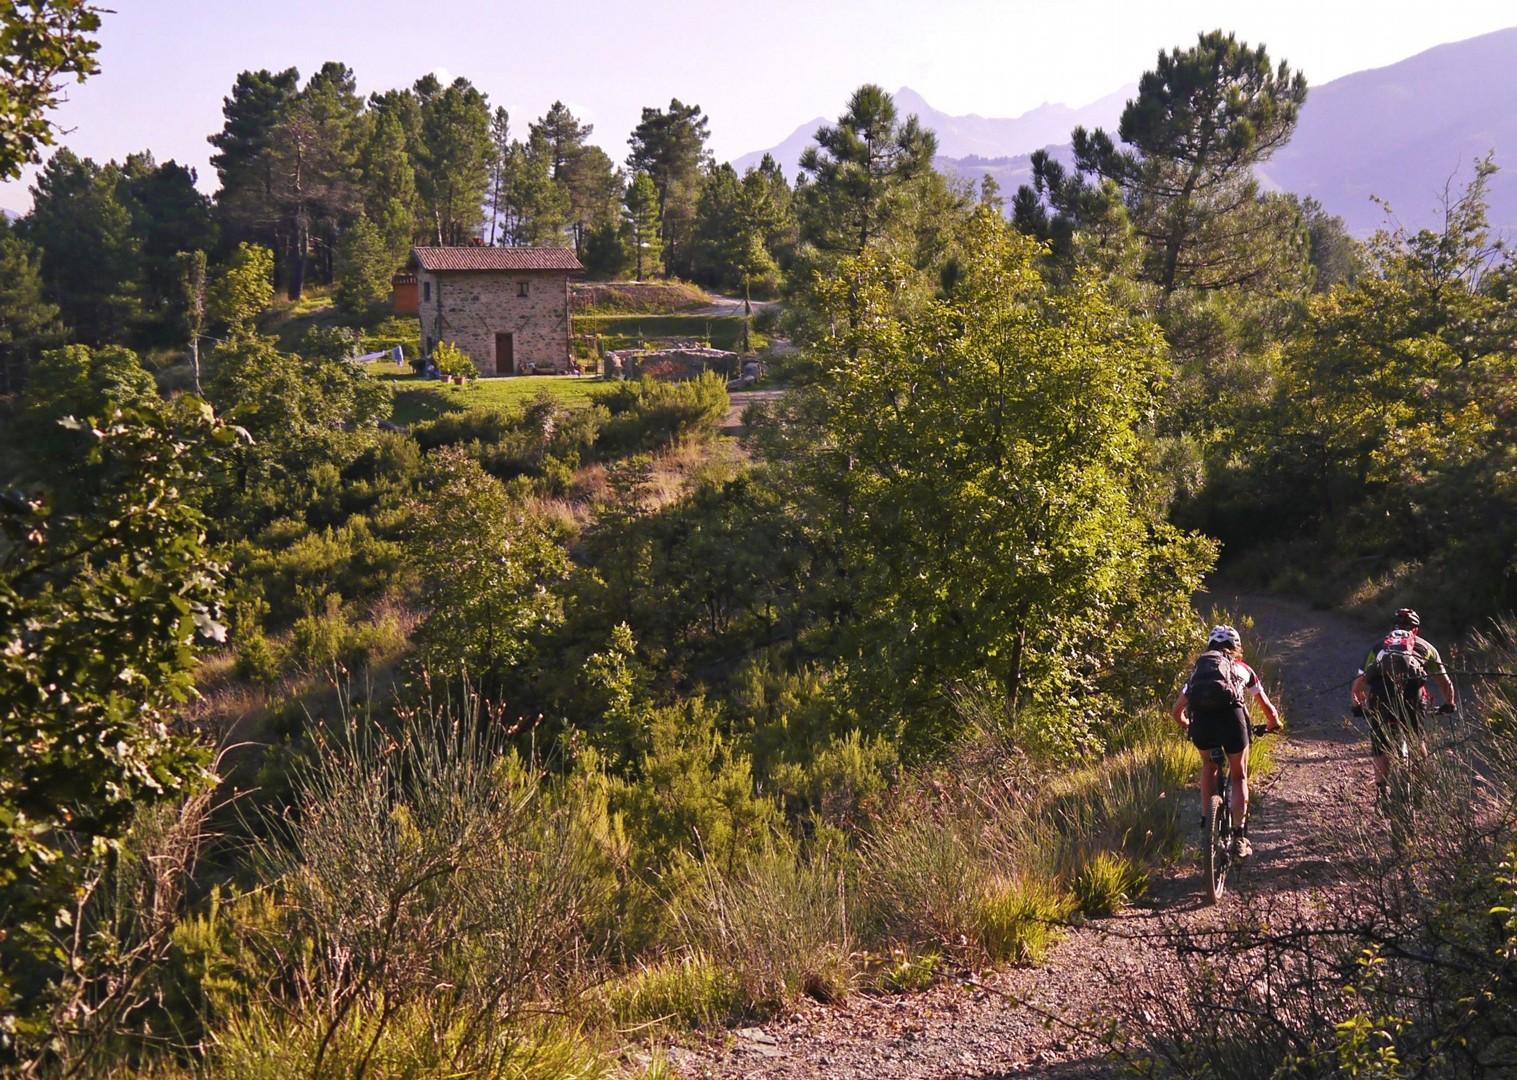 _Holiday.863.16220.jpg - Italy - Via Francigena (Tuscany to Rome) - Guided Mountain Biking Holiday - Mountain Biking